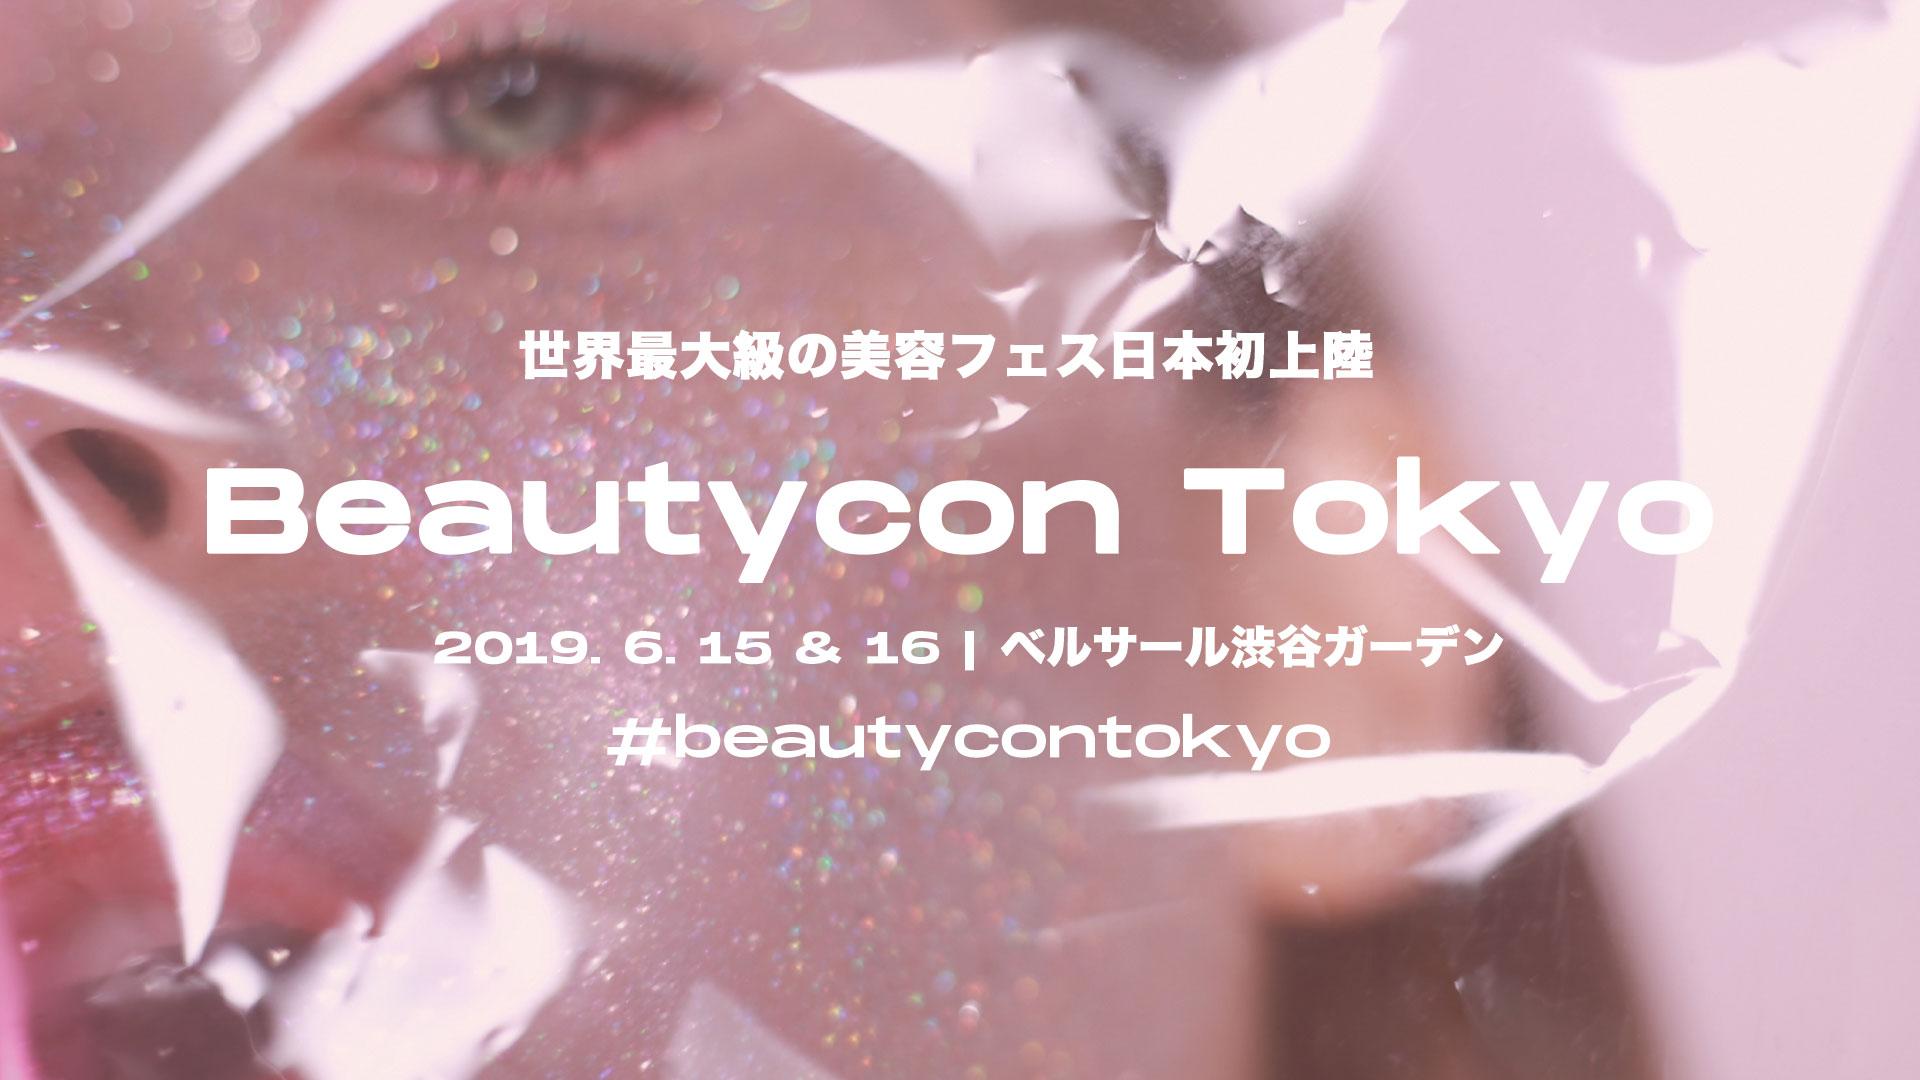 日本初開催!世界最大級の美容フェス『Beautycon』当日のコンテンツ発表